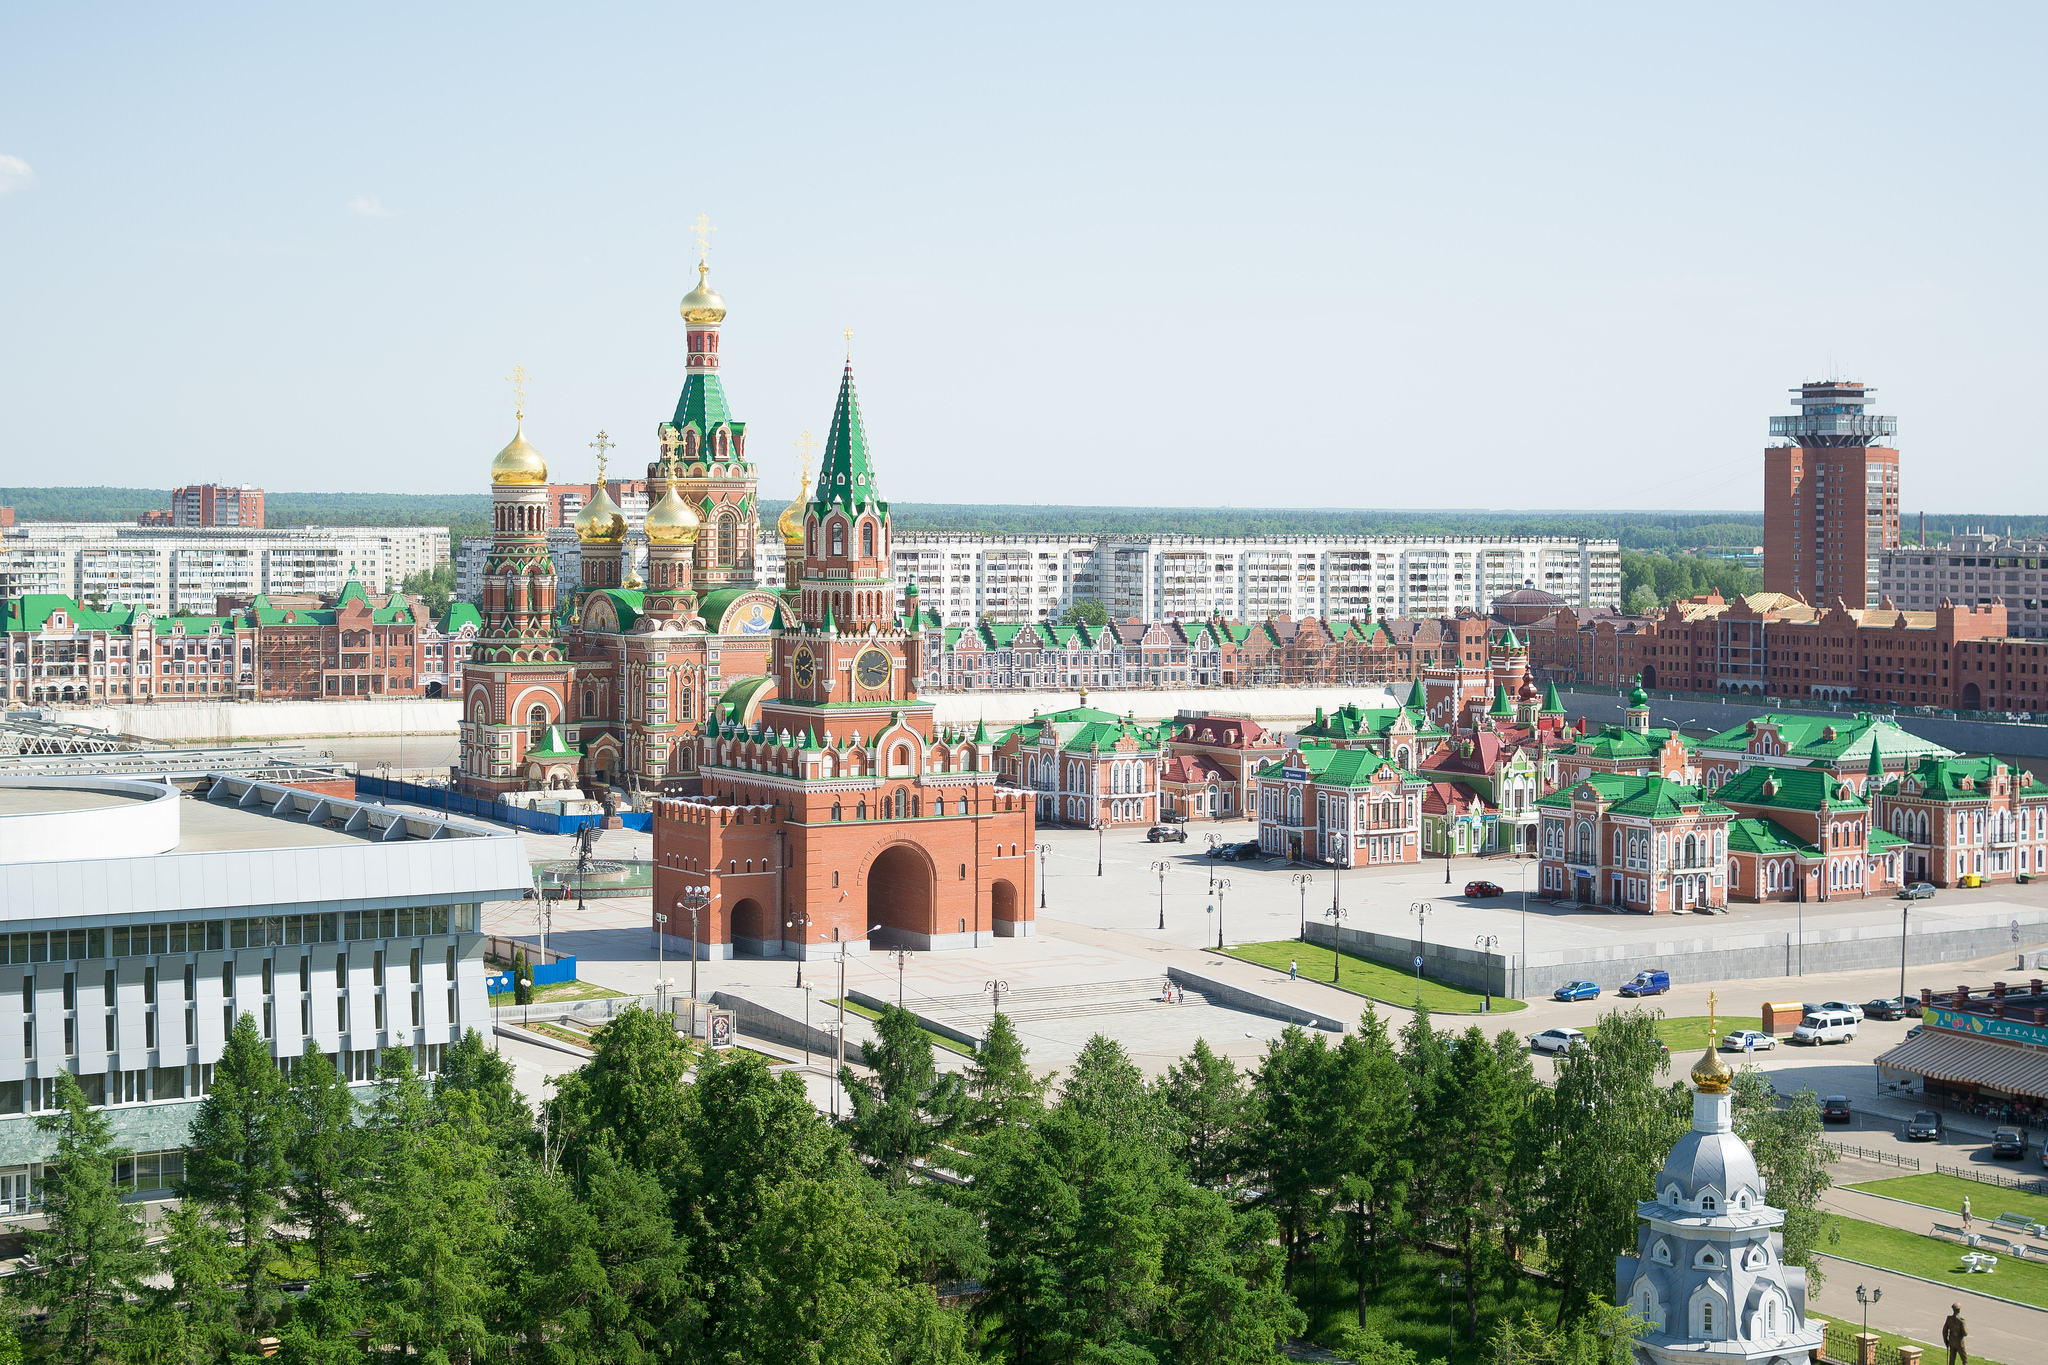 Вид на Архангельскую слободу и Благовещенскую башню в Йошкар-Оле